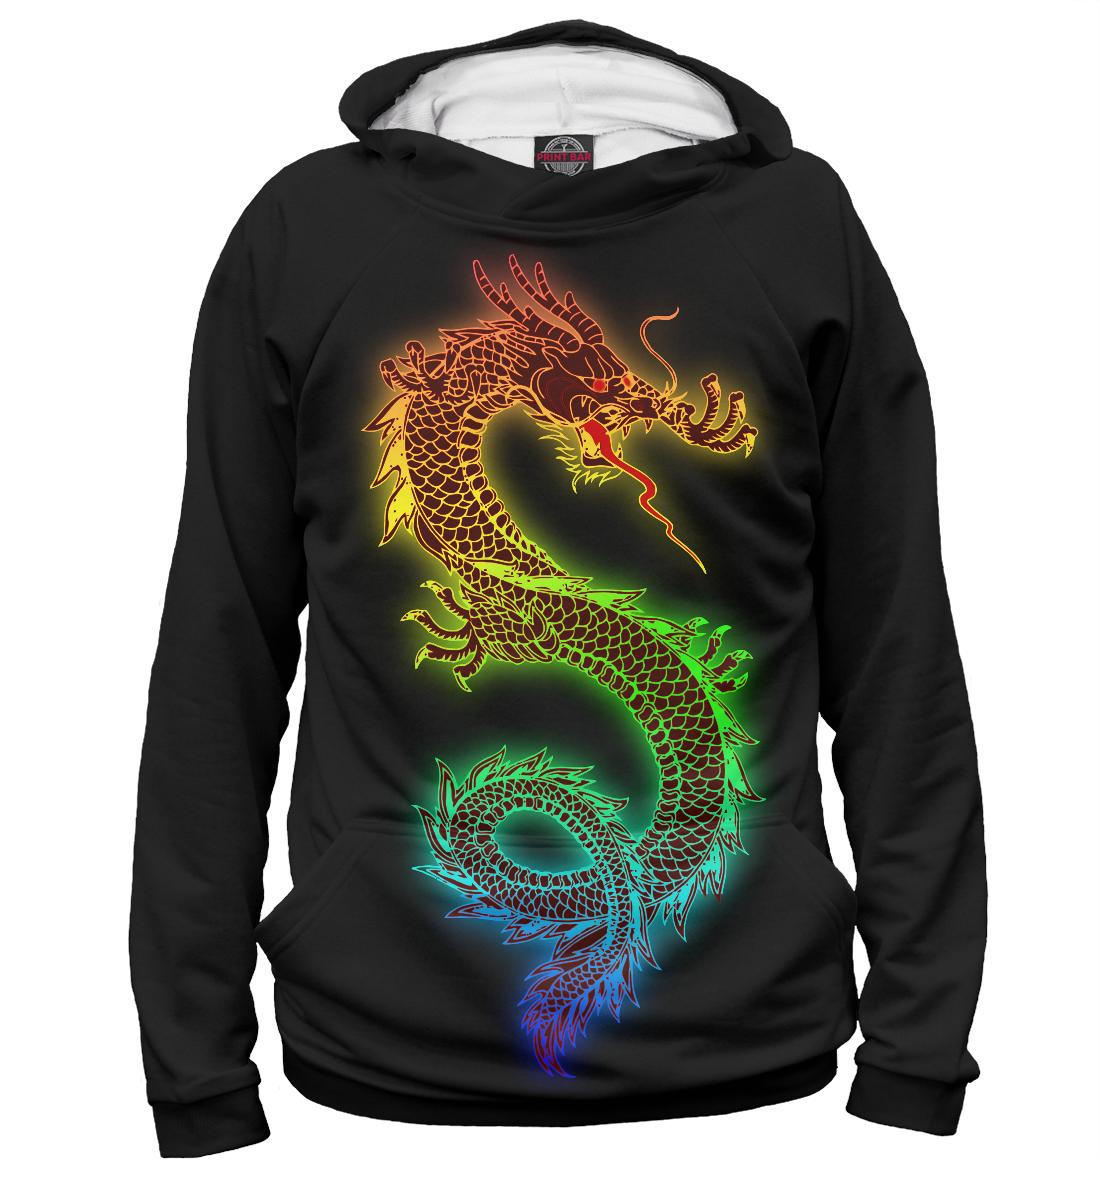 Радужный дракон, Printbar, Худи, DRA-501476-hud-1  - купить со скидкой